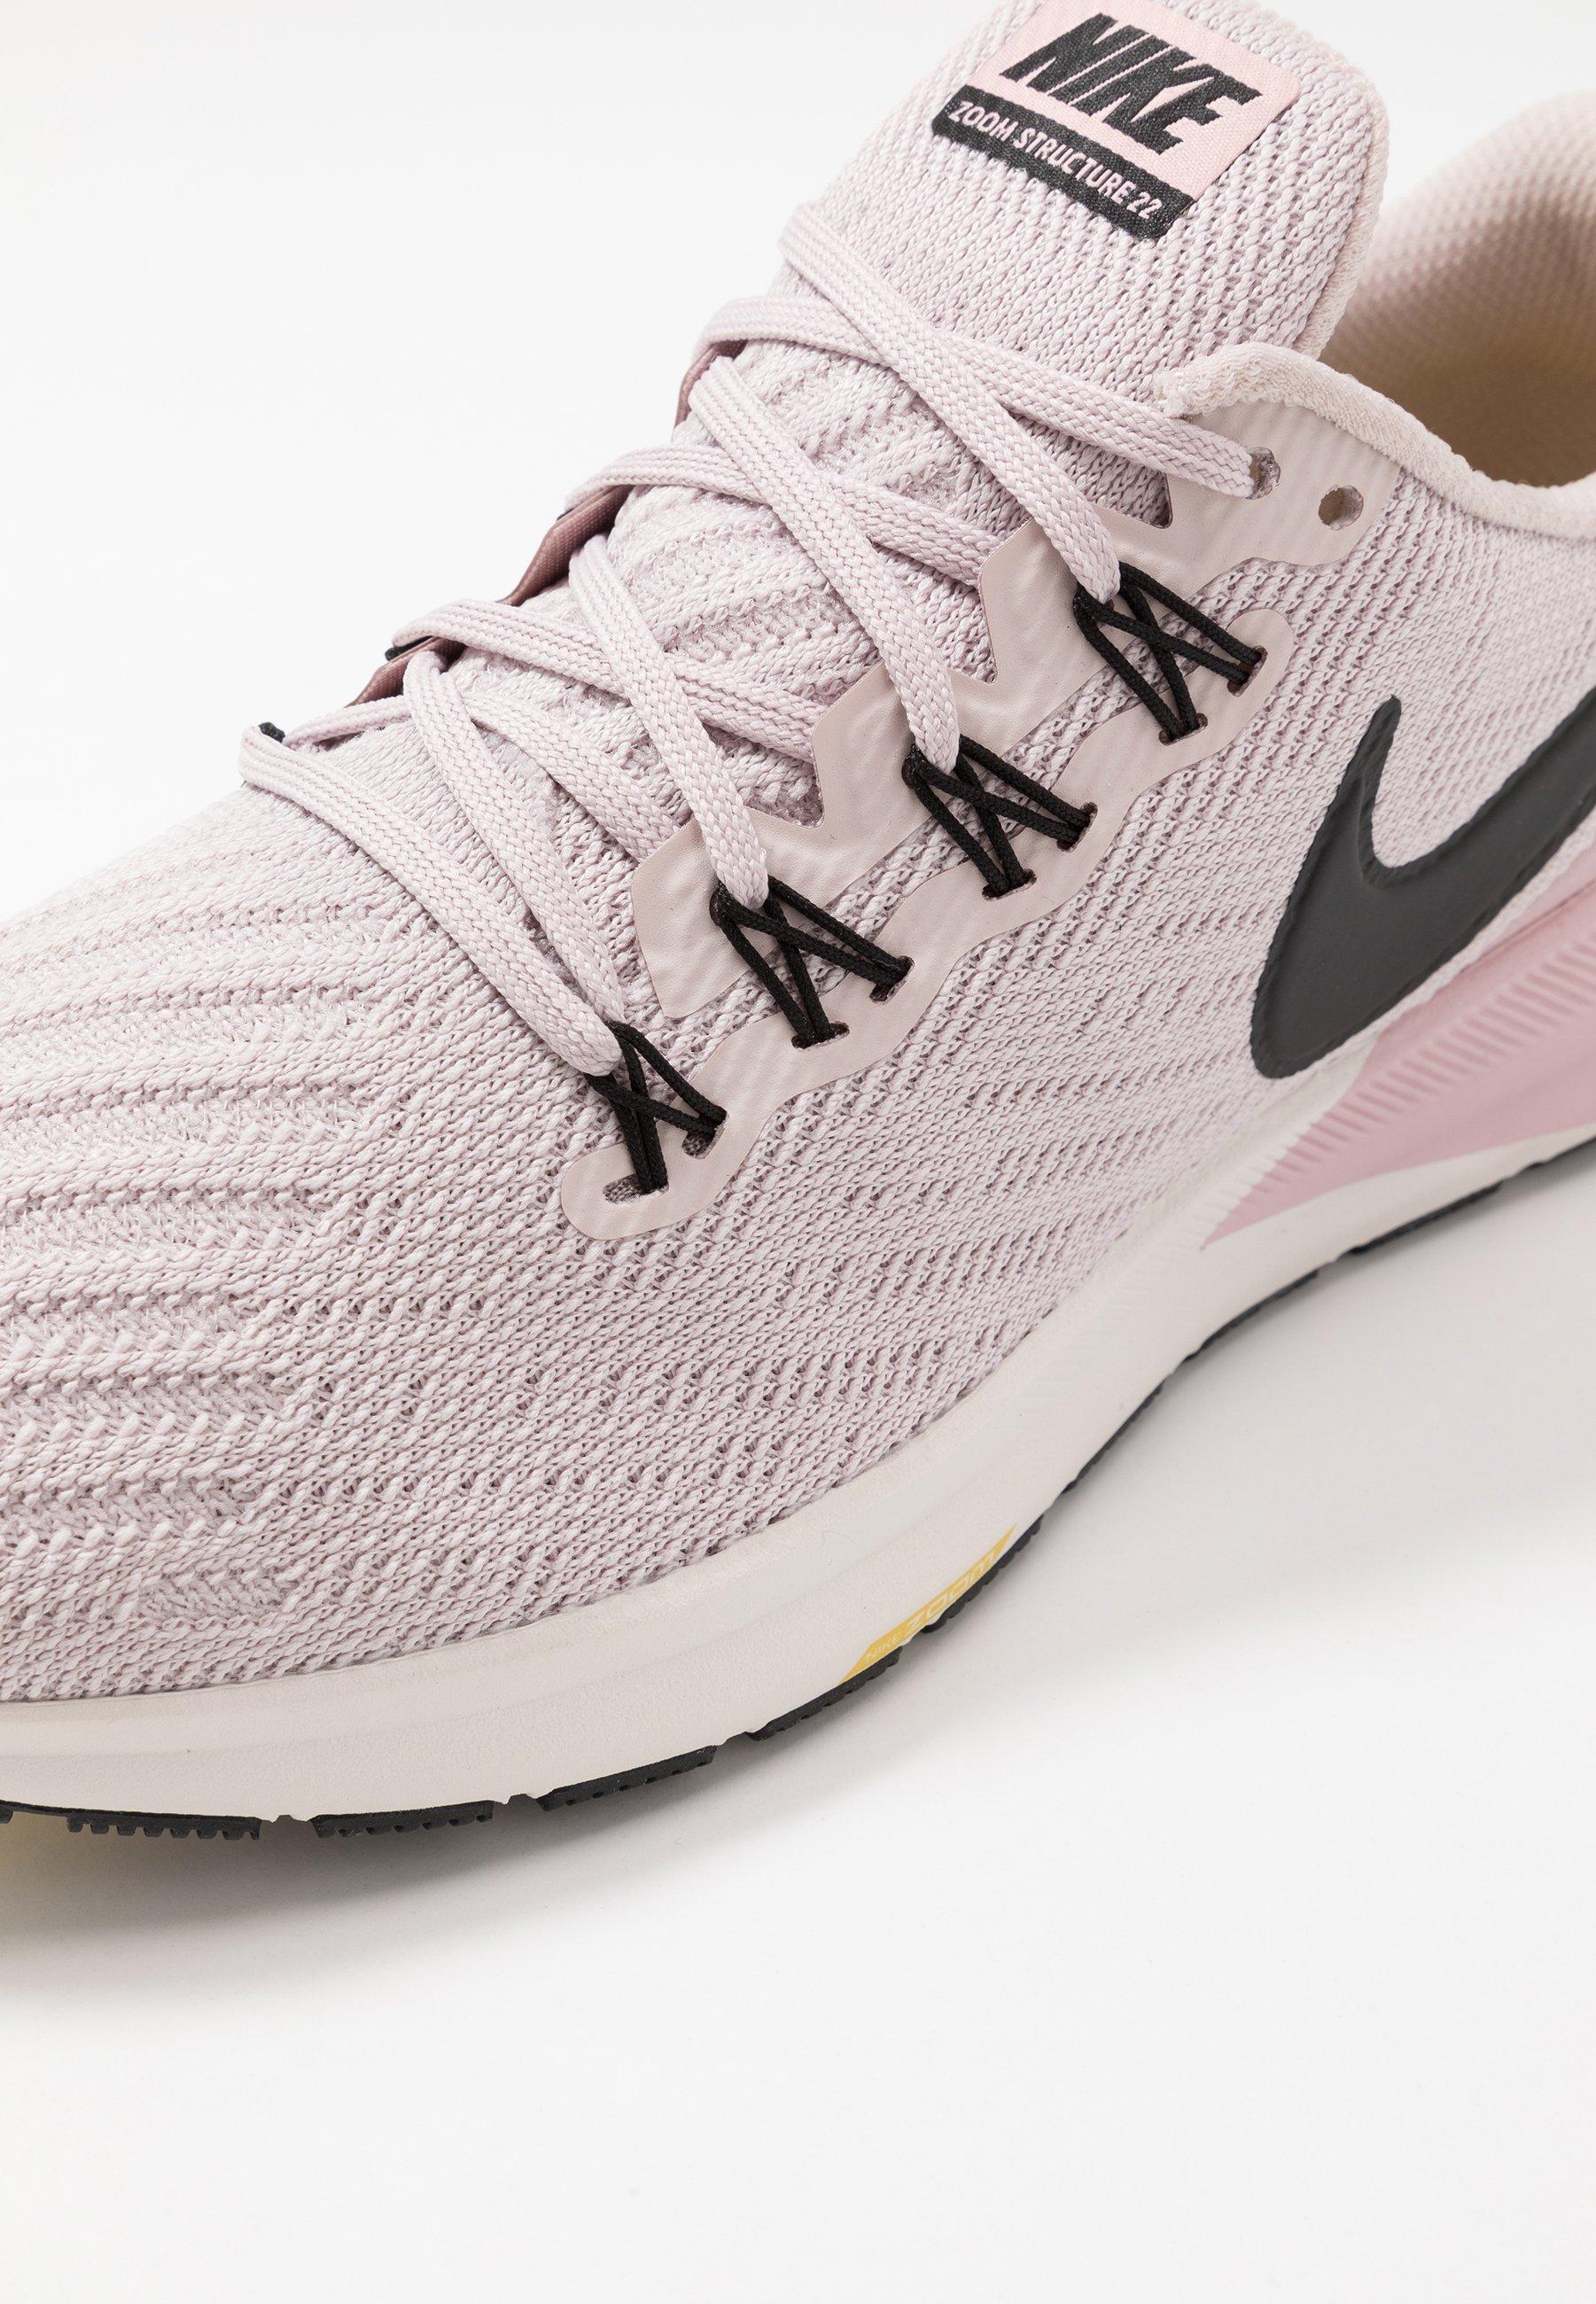 AIR ZOOM STRUCTURE Chaussures de running stables platinum violetblackplum chalkinfinite goldsummit white